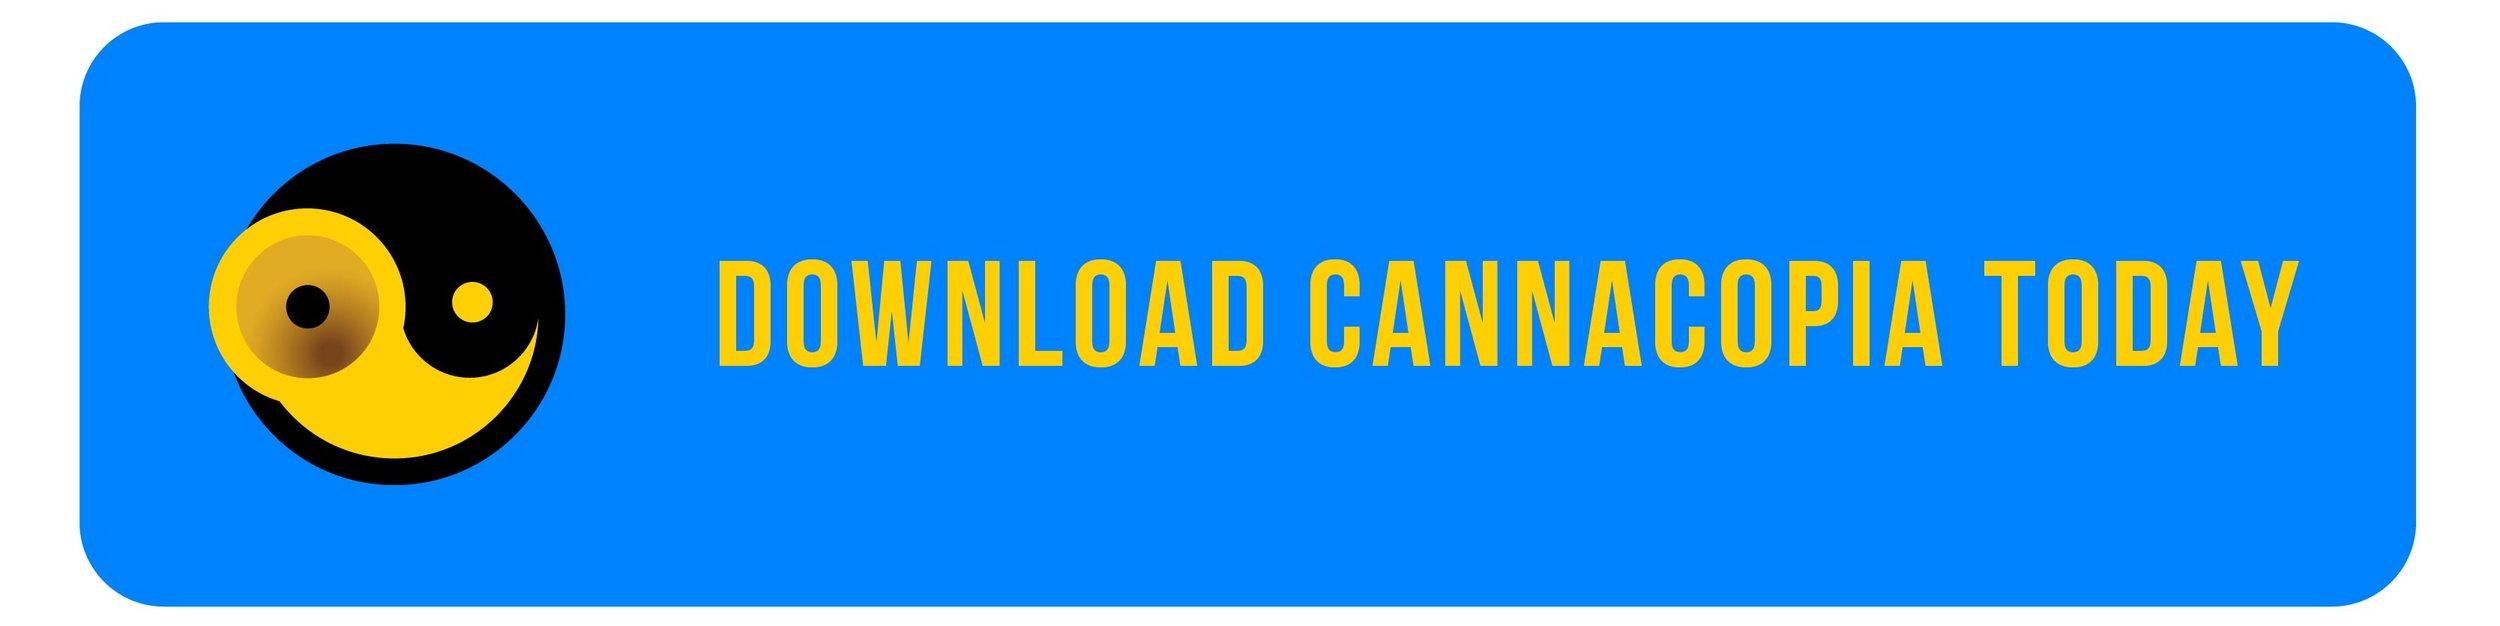 downloadcctoday-02.jpg